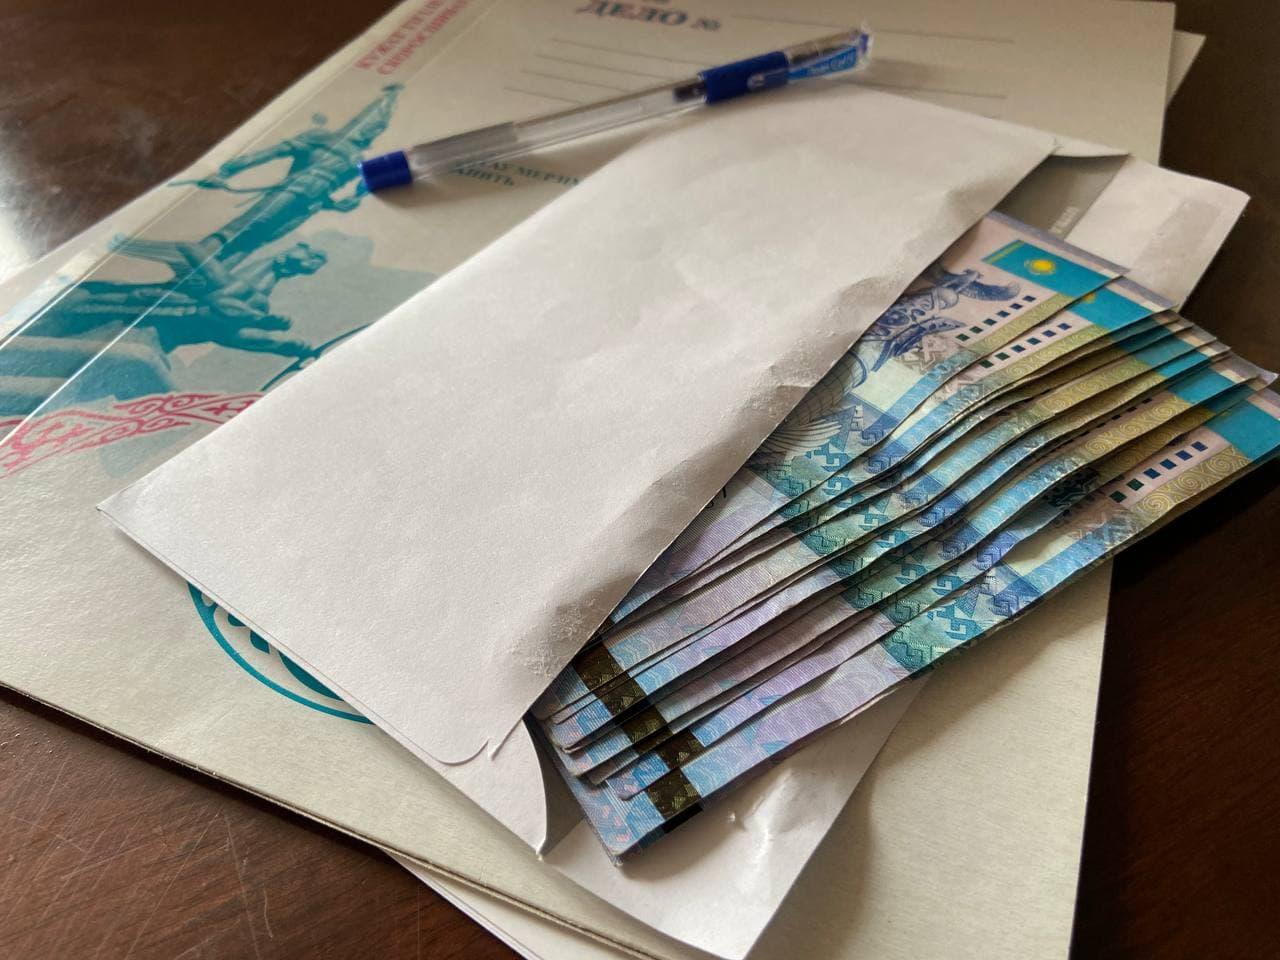 Сотрудников управления образования Шымкента подозревают в хищении 36 млн тенге